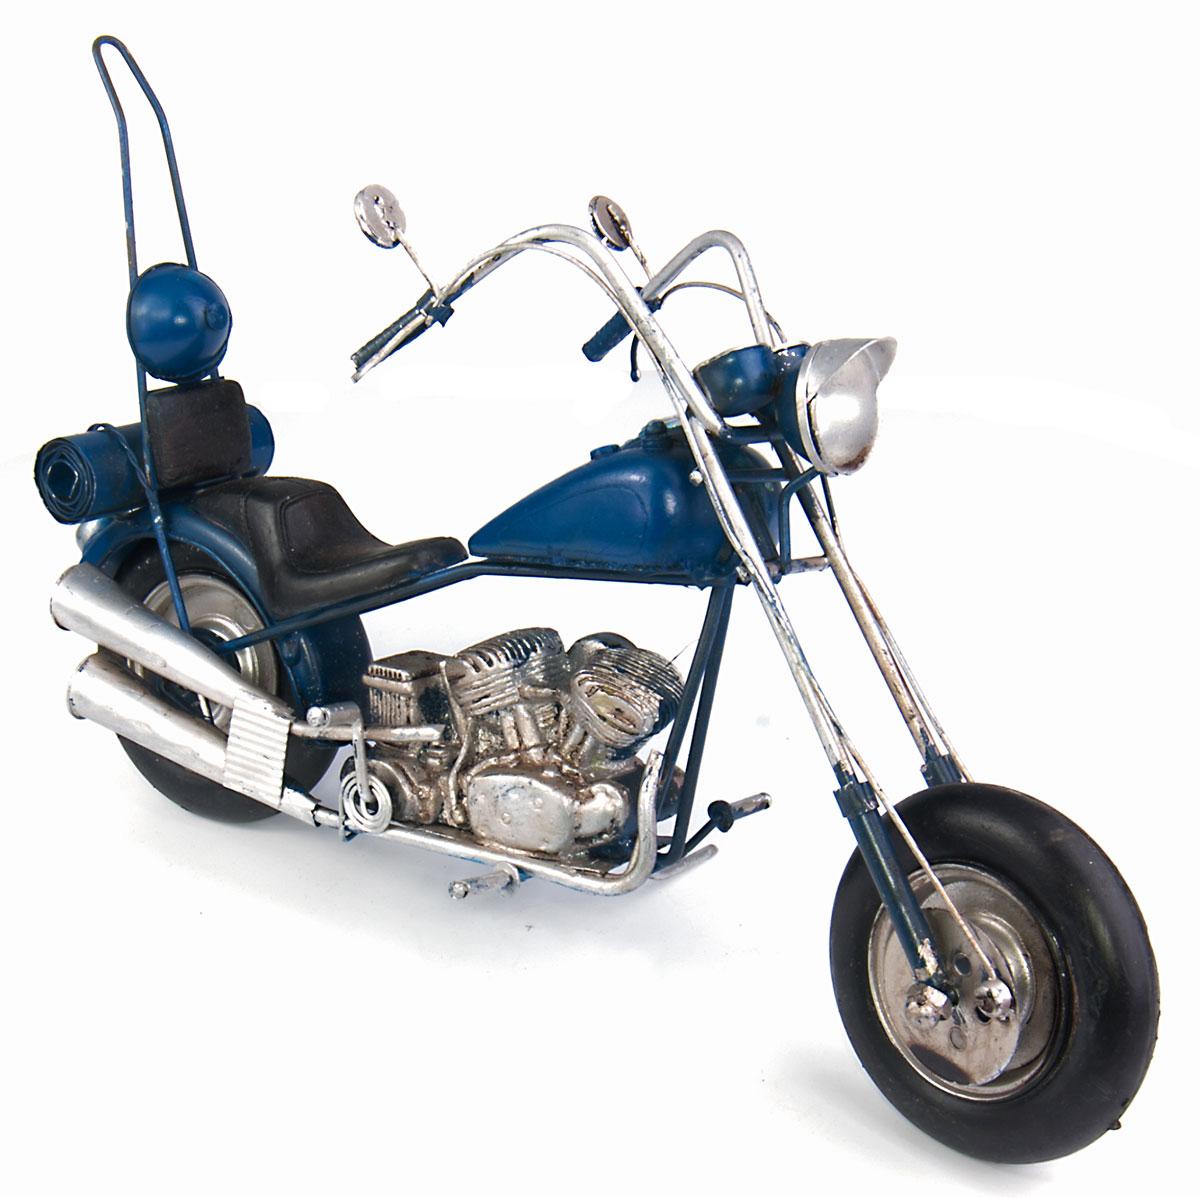 Модель Platinum Мотоцикл. 1510A-7838UP210DFМодель Platinum Мотоцикл, выполненная из металла, станет оригинальным украшением интерьера. Вы можете поставить ретро-модель в любом месте, где она будет удачно смотреться.Качество исполнения, точные детали и оригинальный дизайн выделяют эту модель среди ряда подобных. Модель займет достойное место в вашей коллекции, а также приятно удивит получателя в качестве стильного сувенира.